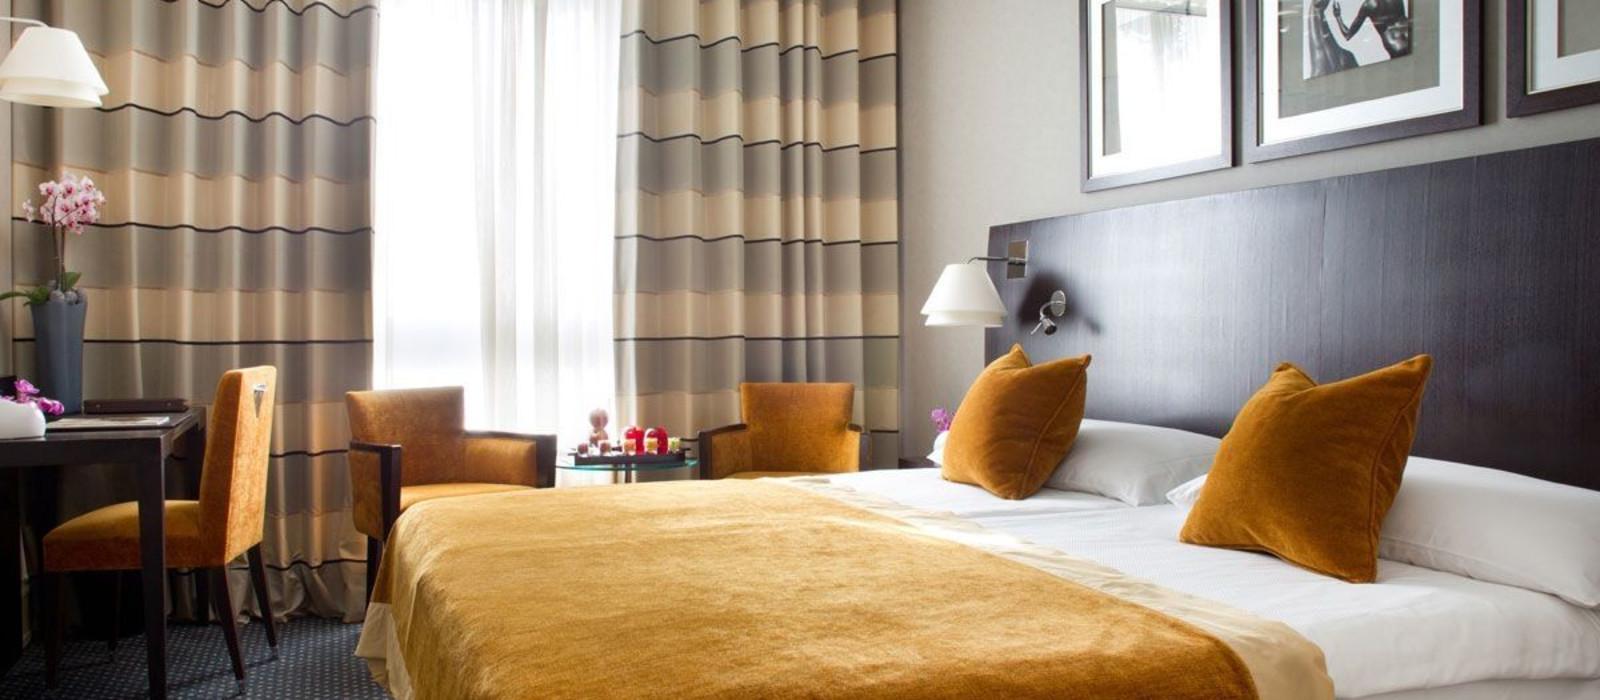 Hotel Hôtel Auteuil %region%